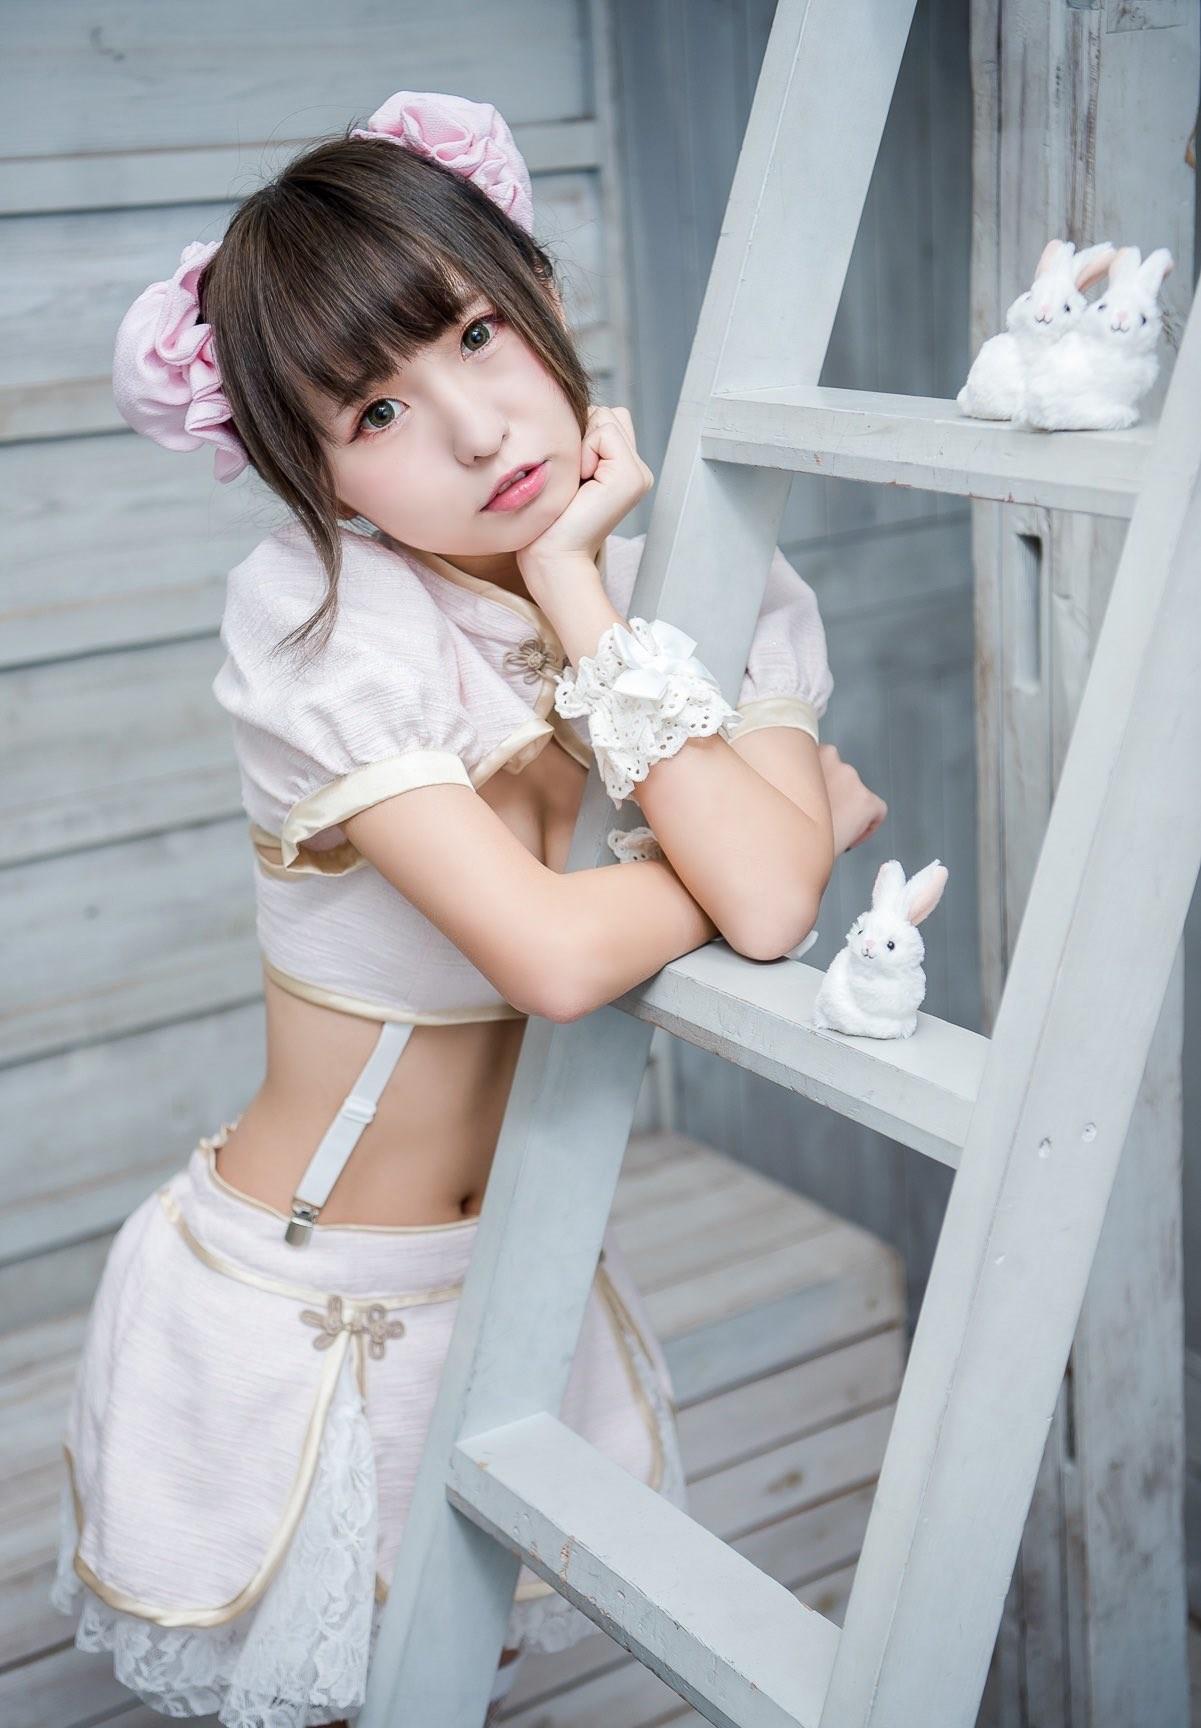 【兔玩映画】萝莉豆腐 兔玩映画 第9张